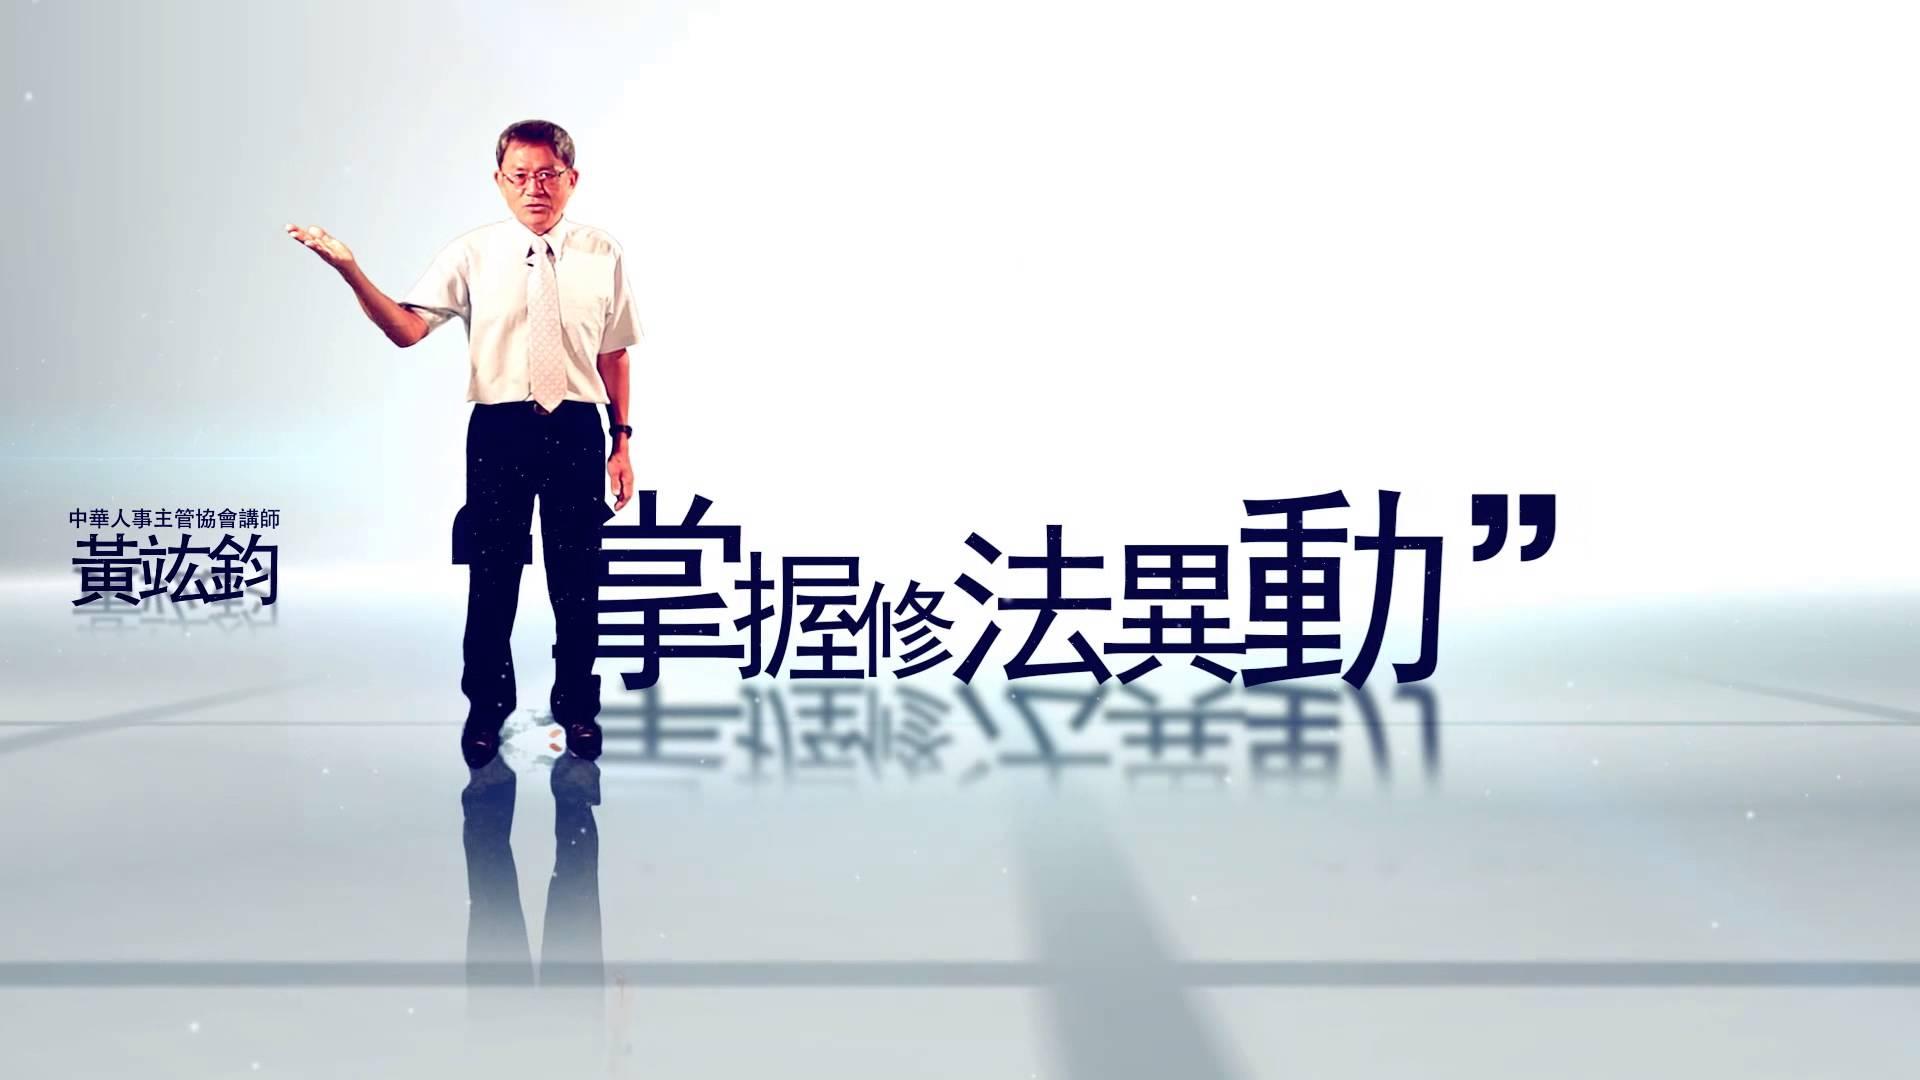 05/17 PM12:30 帶您解讀函釋風暴! 黃竑鈞老師告訴您-加班費